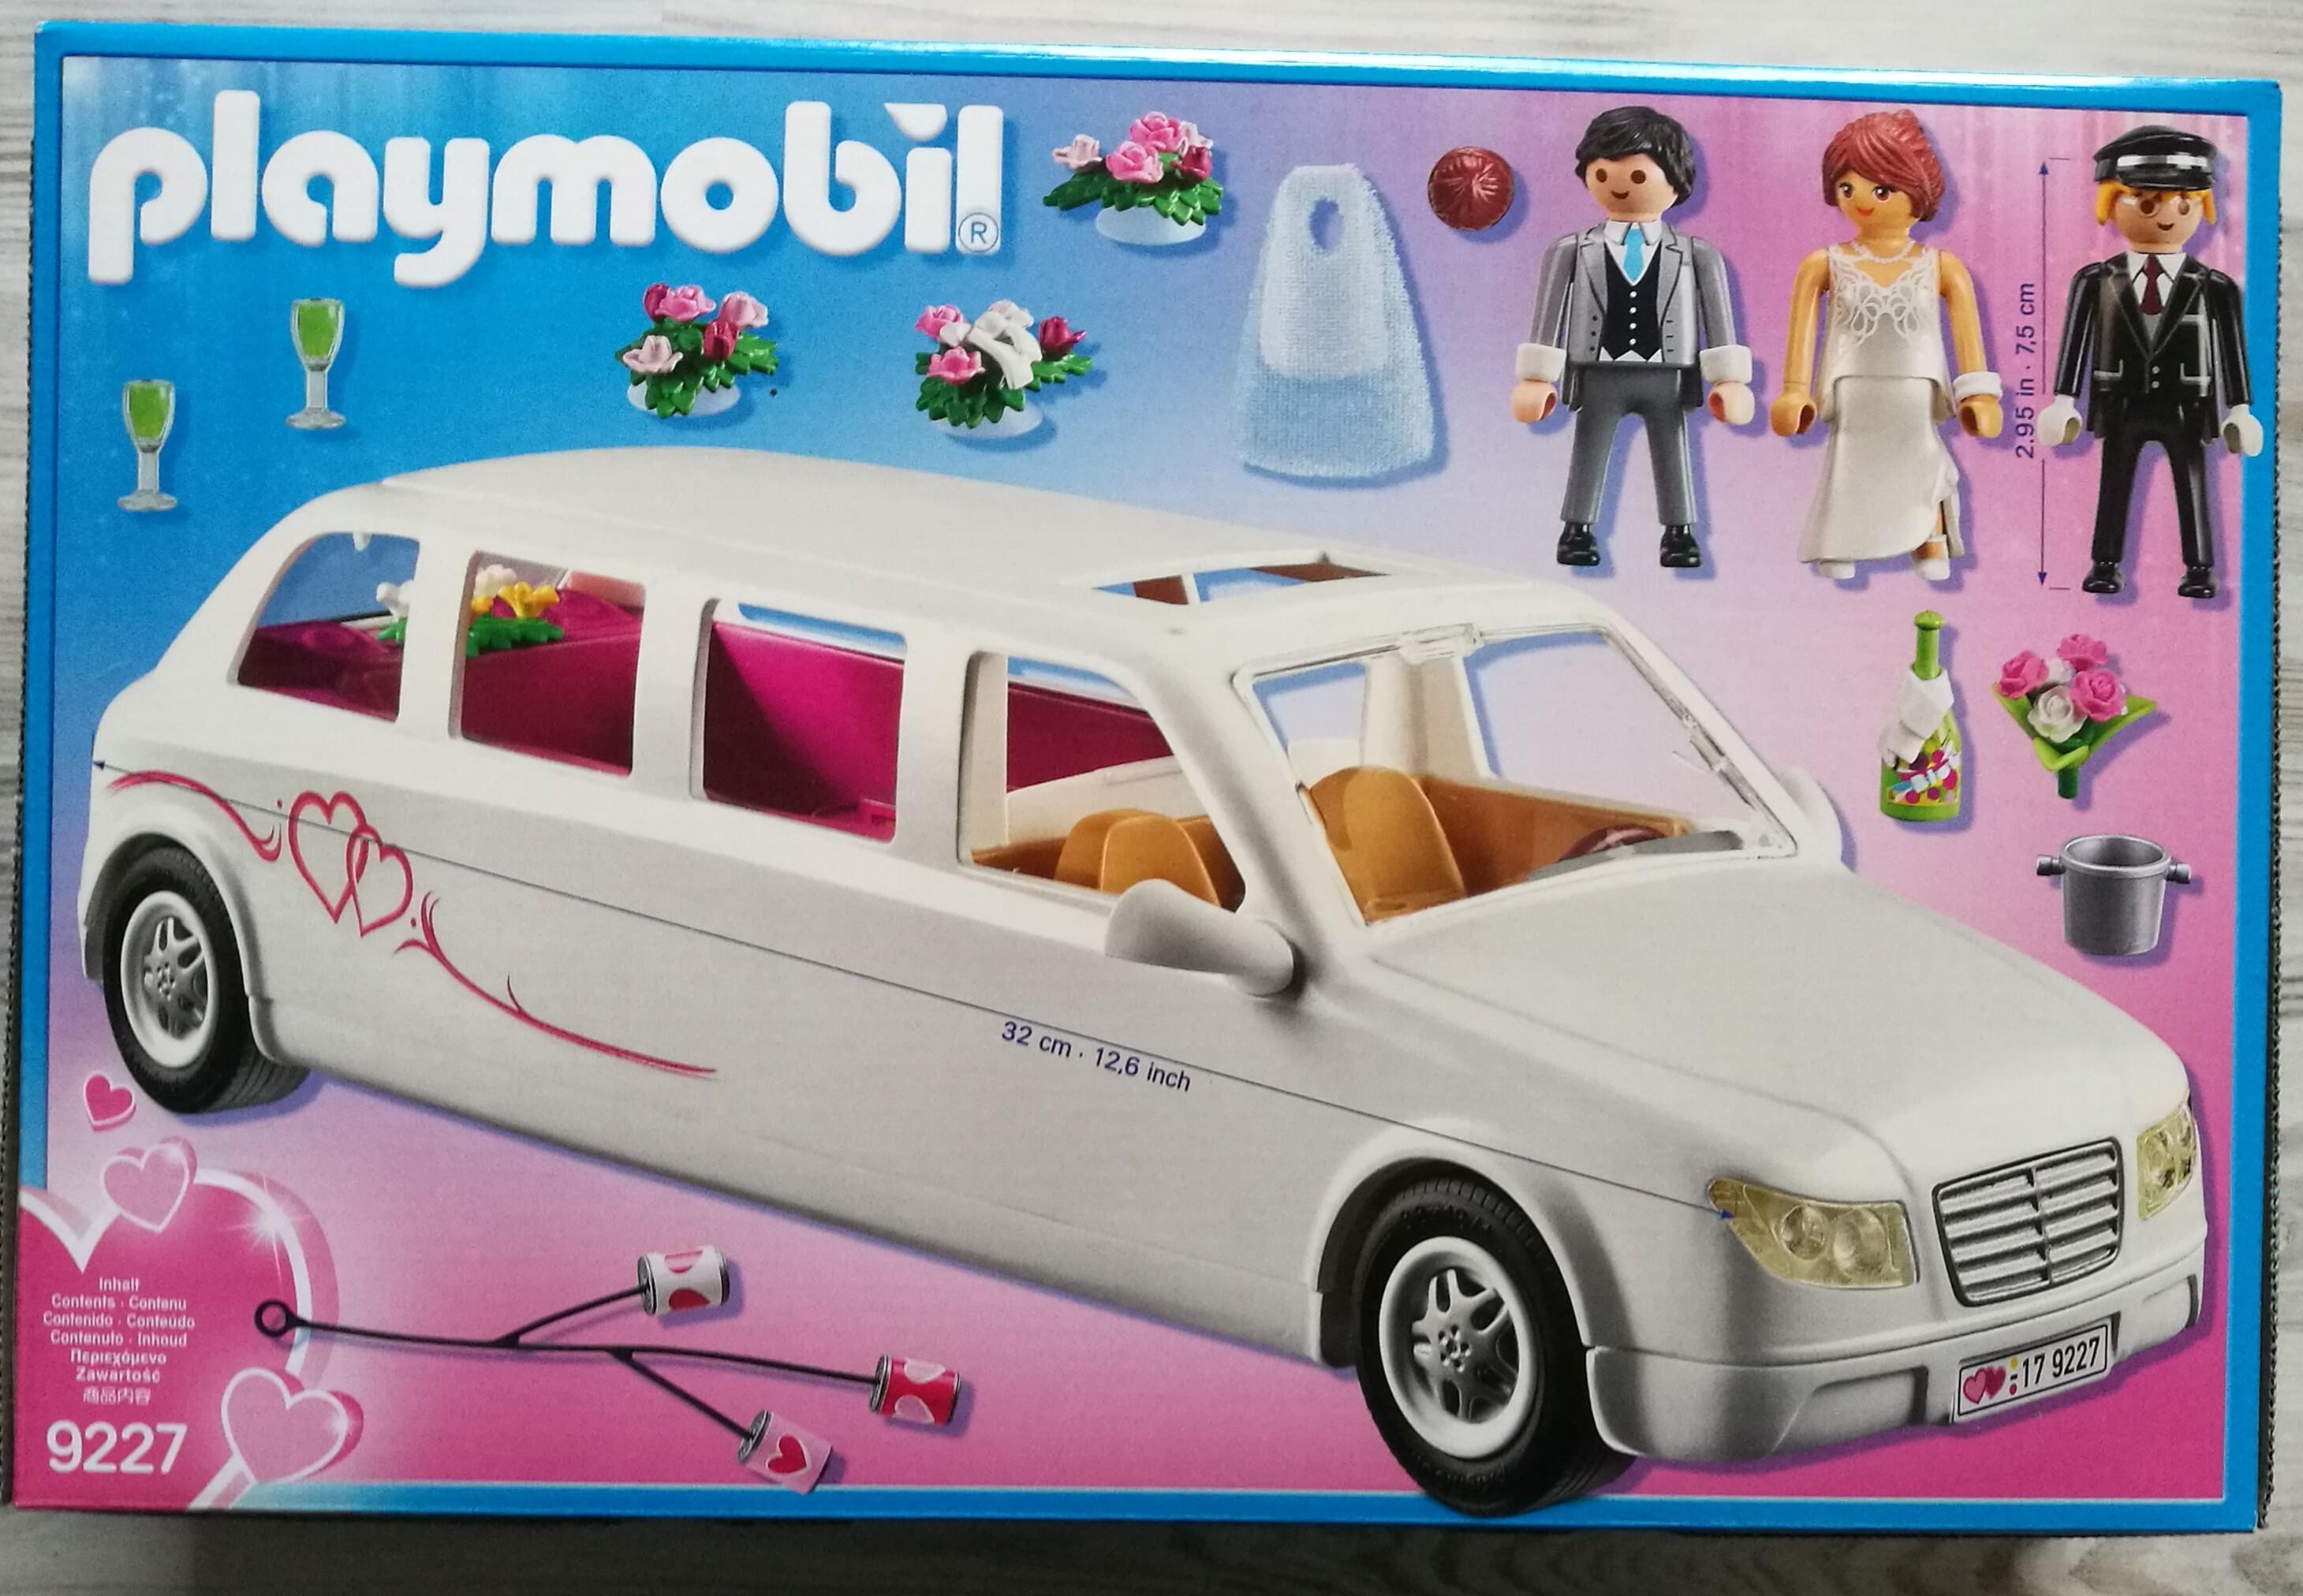 Playmobil 9227 Hochzeitslimousine NEU OVP Freizeit